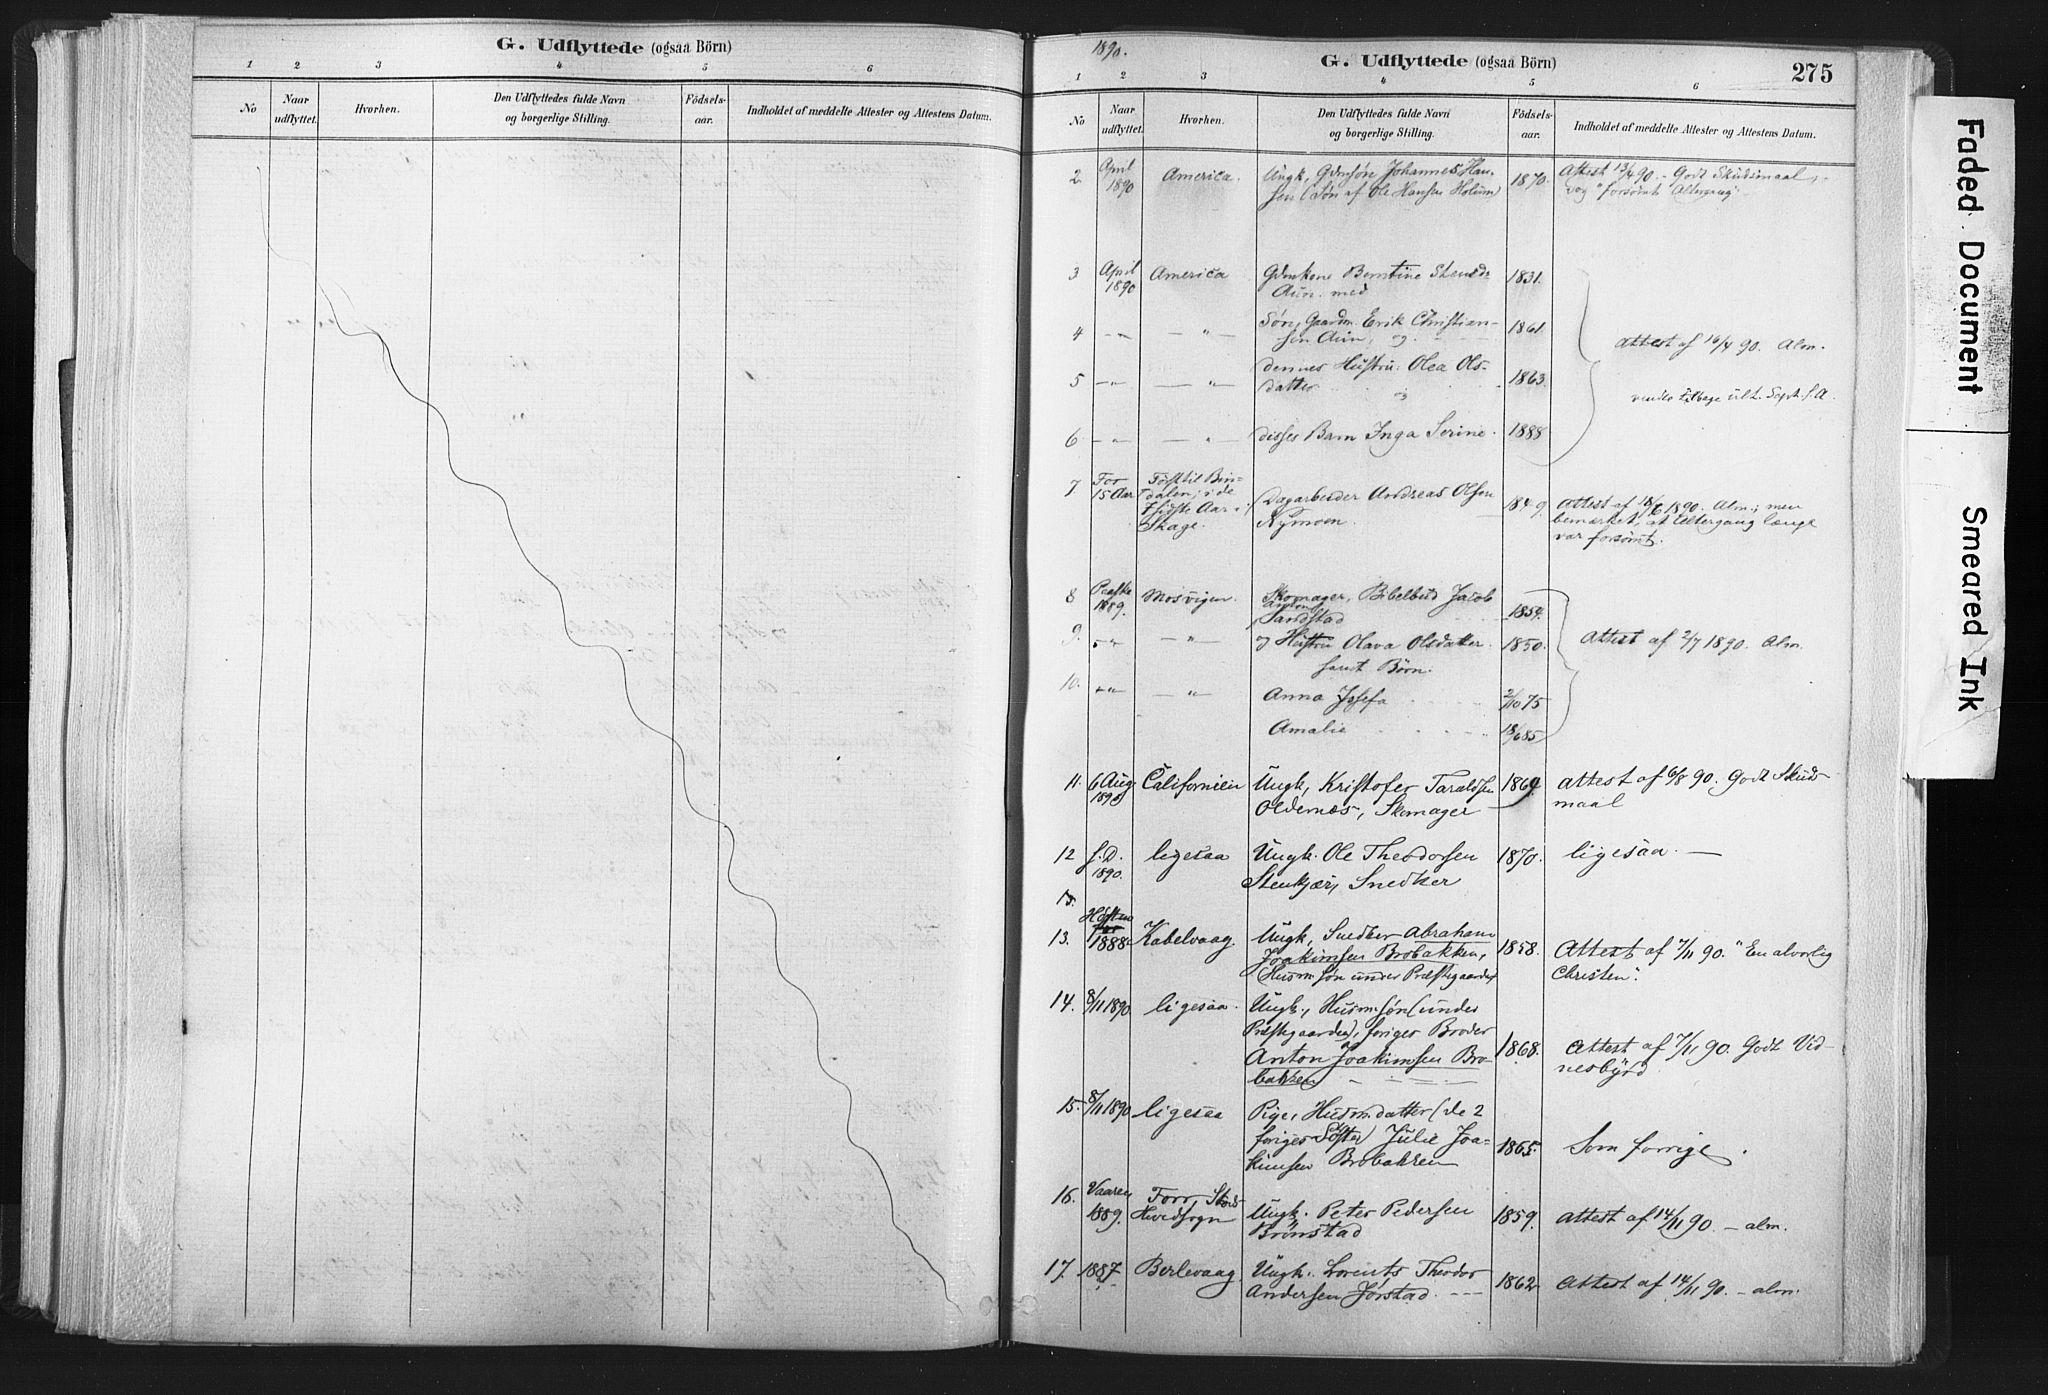 SAT, Ministerialprotokoller, klokkerbøker og fødselsregistre - Nord-Trøndelag, 749/L0474: Ministerialbok nr. 749A08, 1887-1903, s. 275